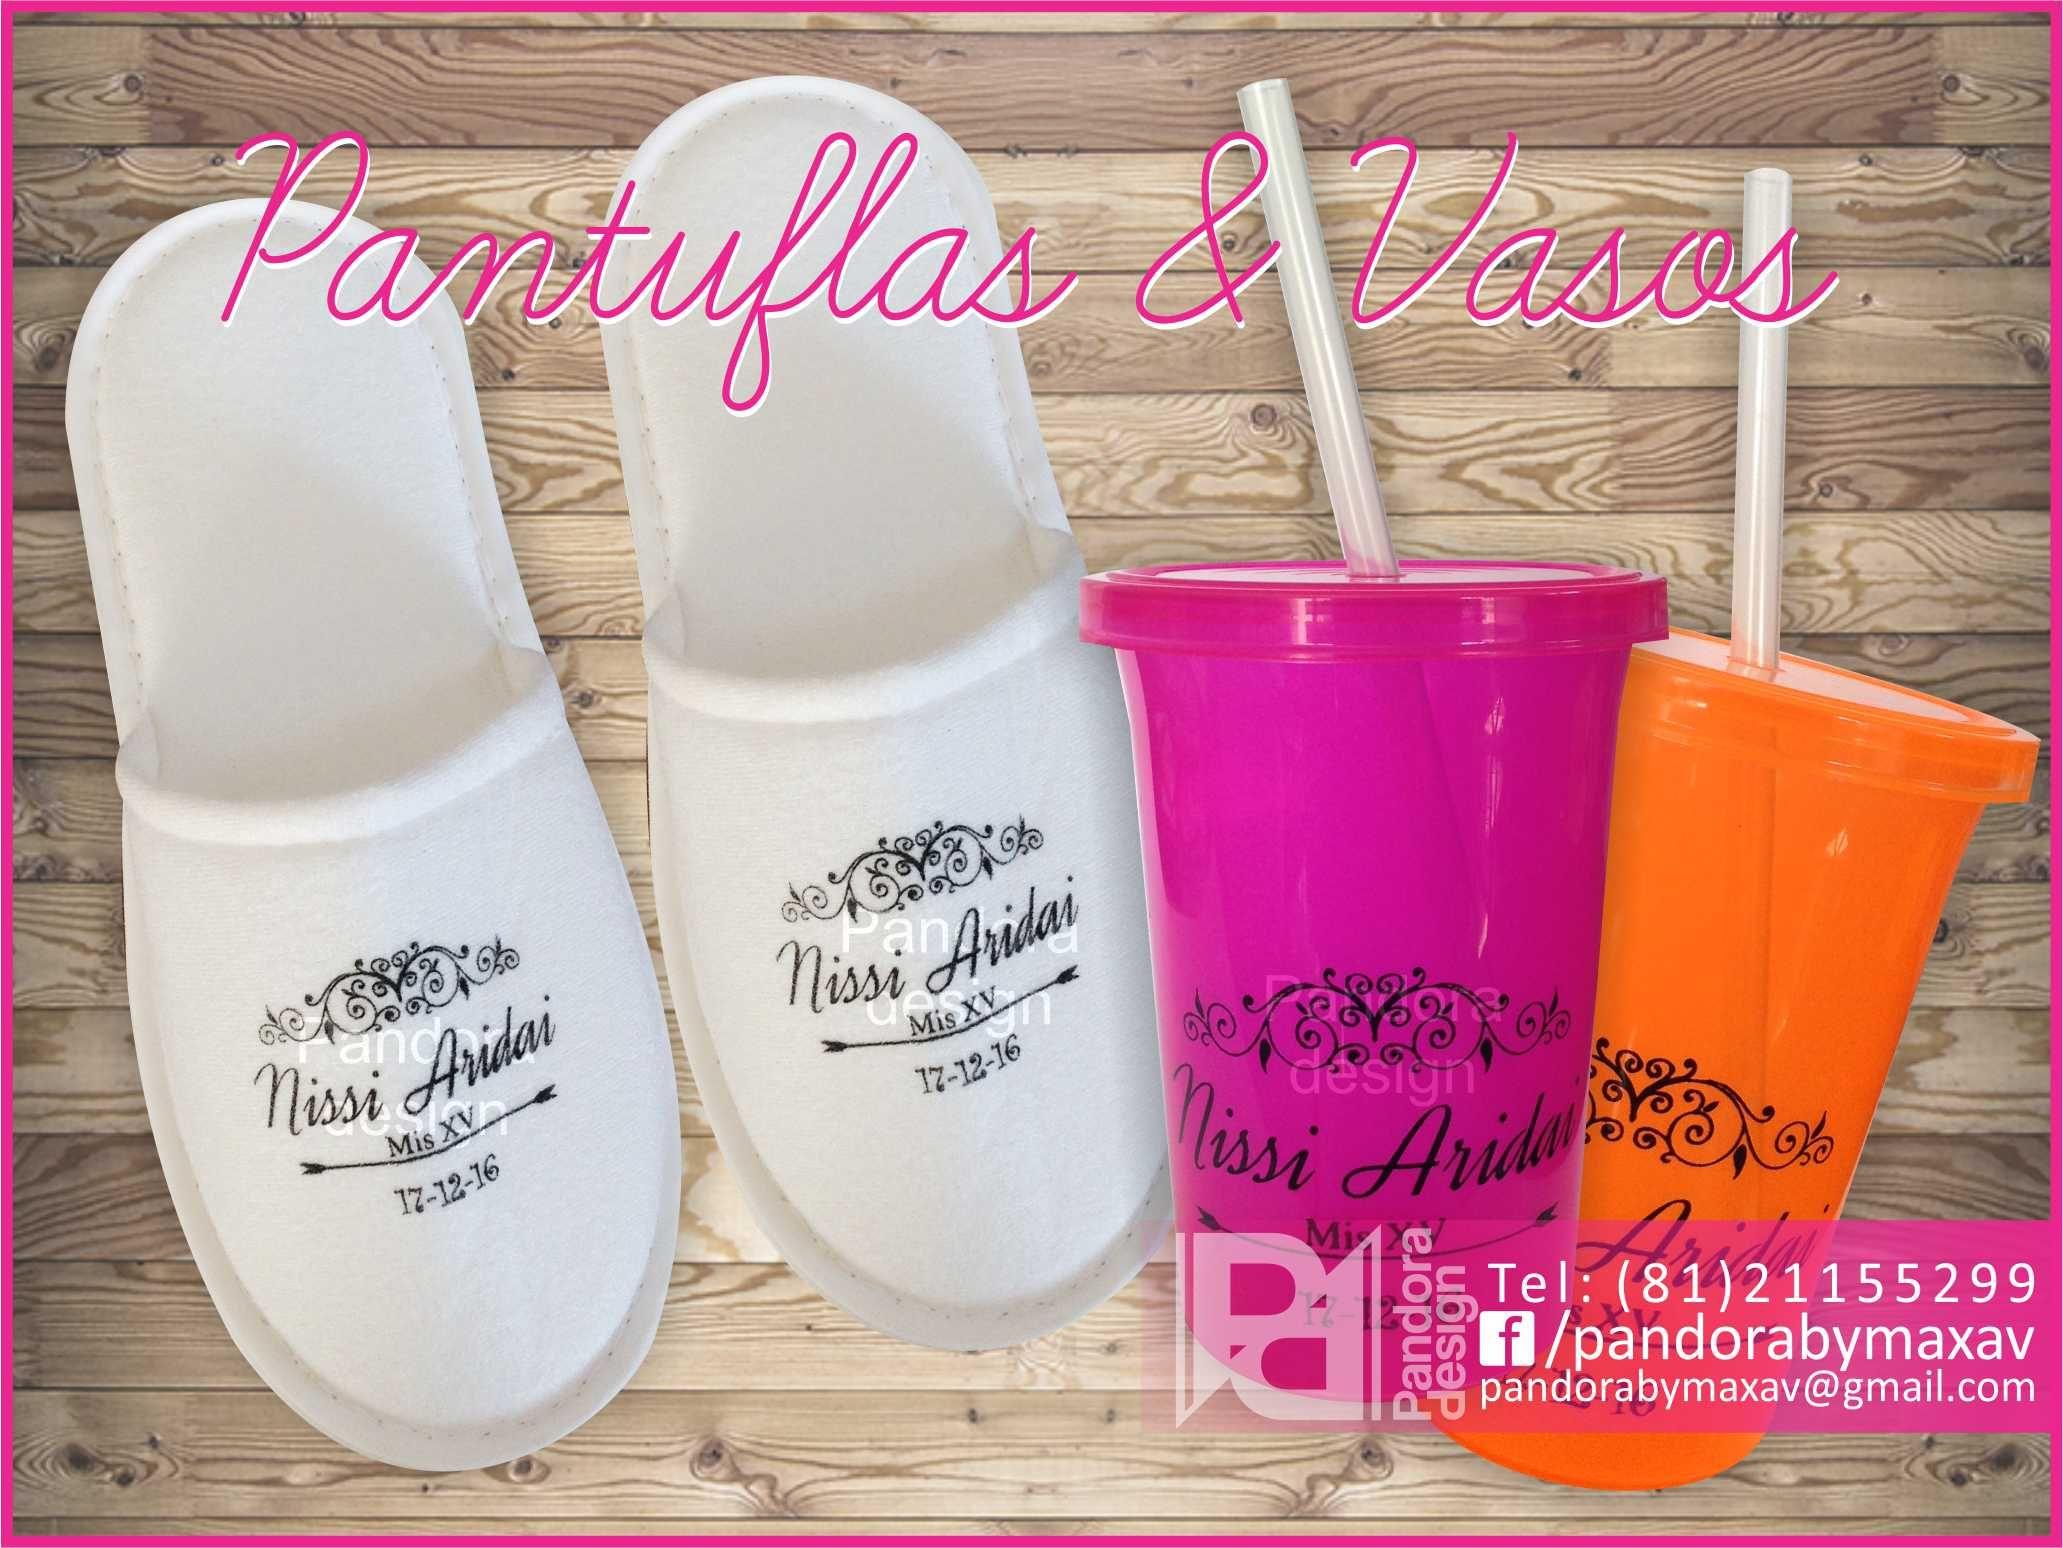 Paquetes para quince años #pantuflas #vasos